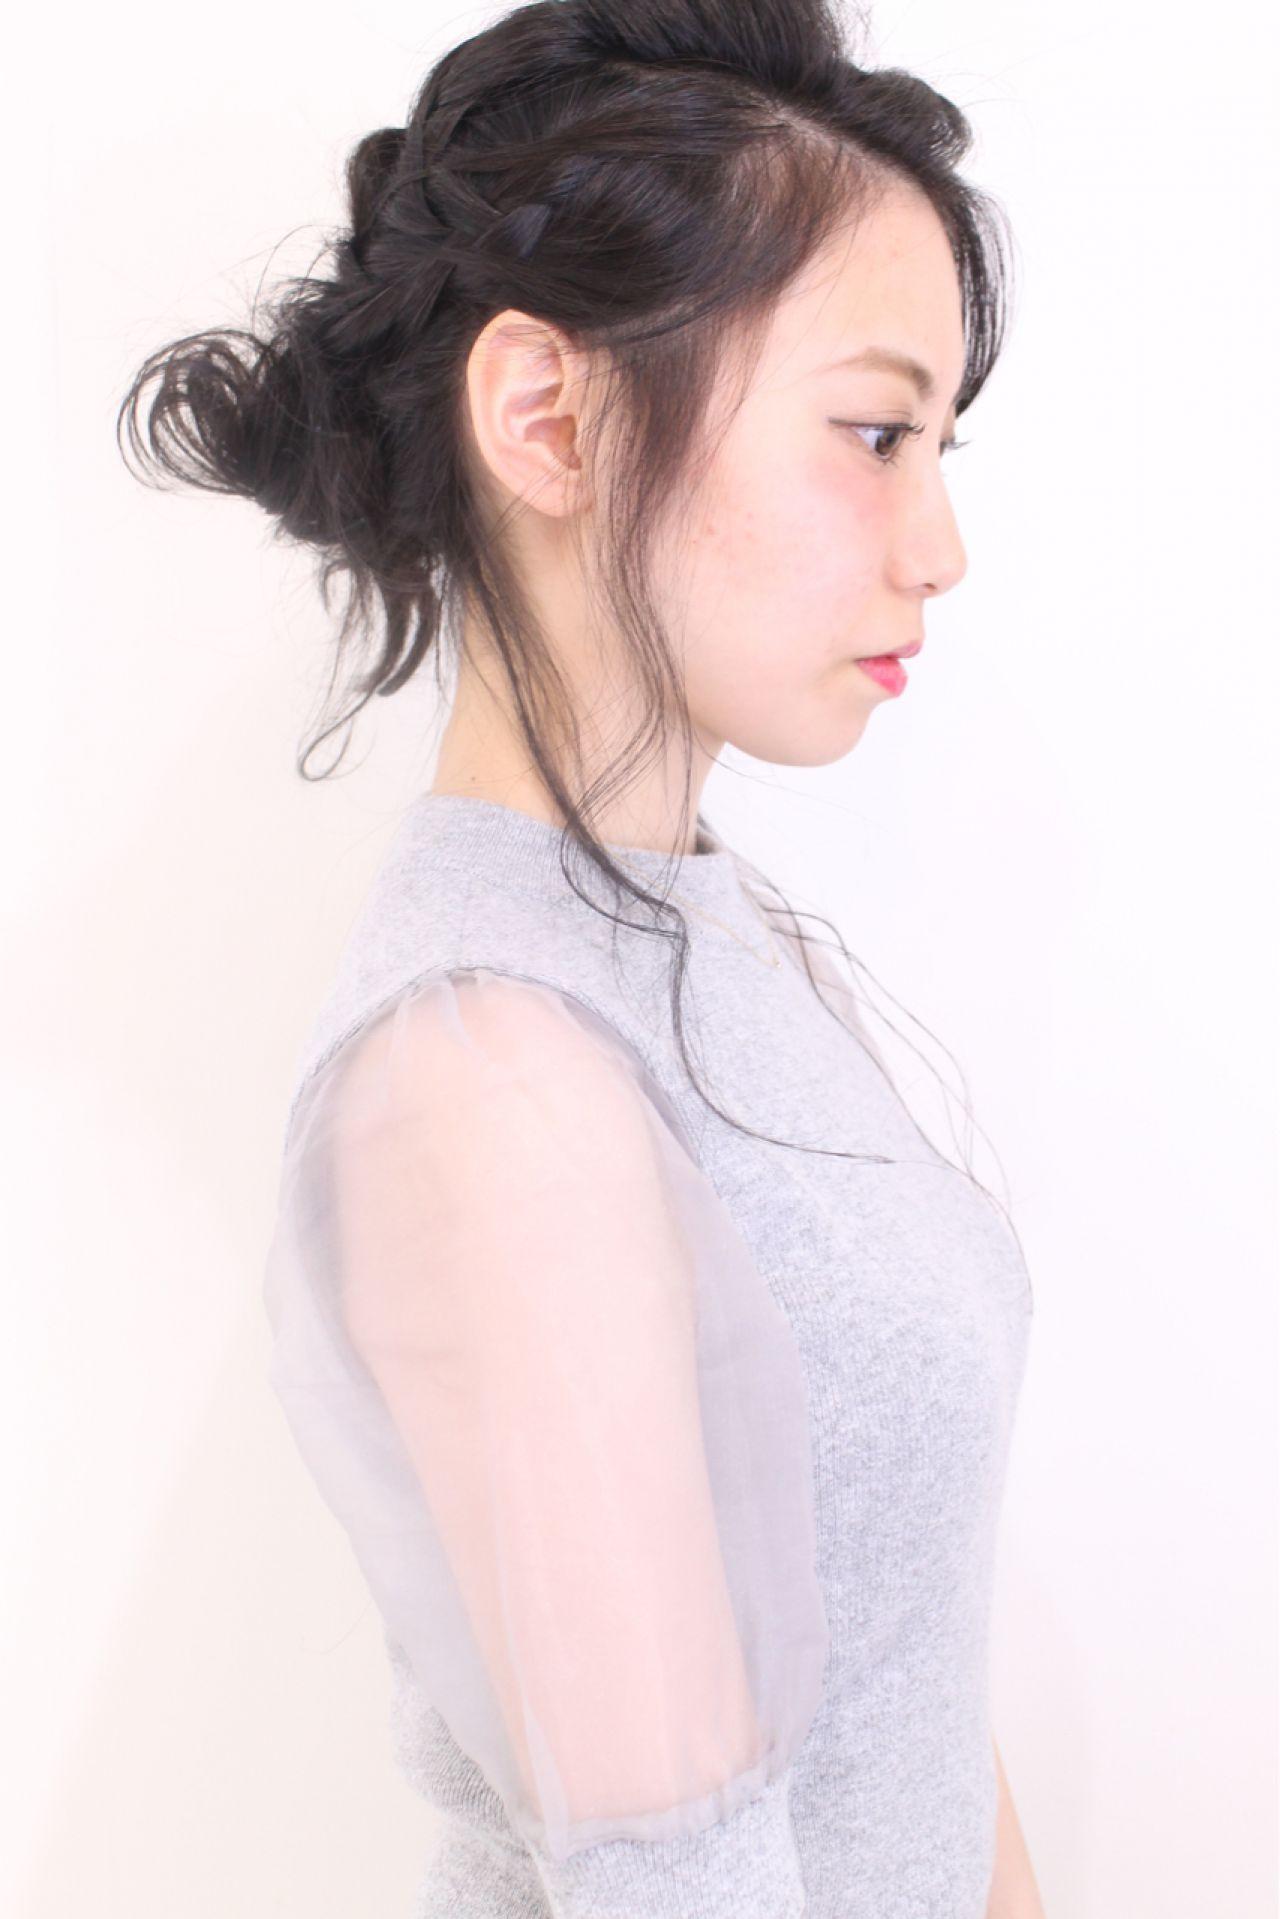 髪をまとめるのが楽しくなる!失敗しないヘアアレンジのコツって? 長井美菜